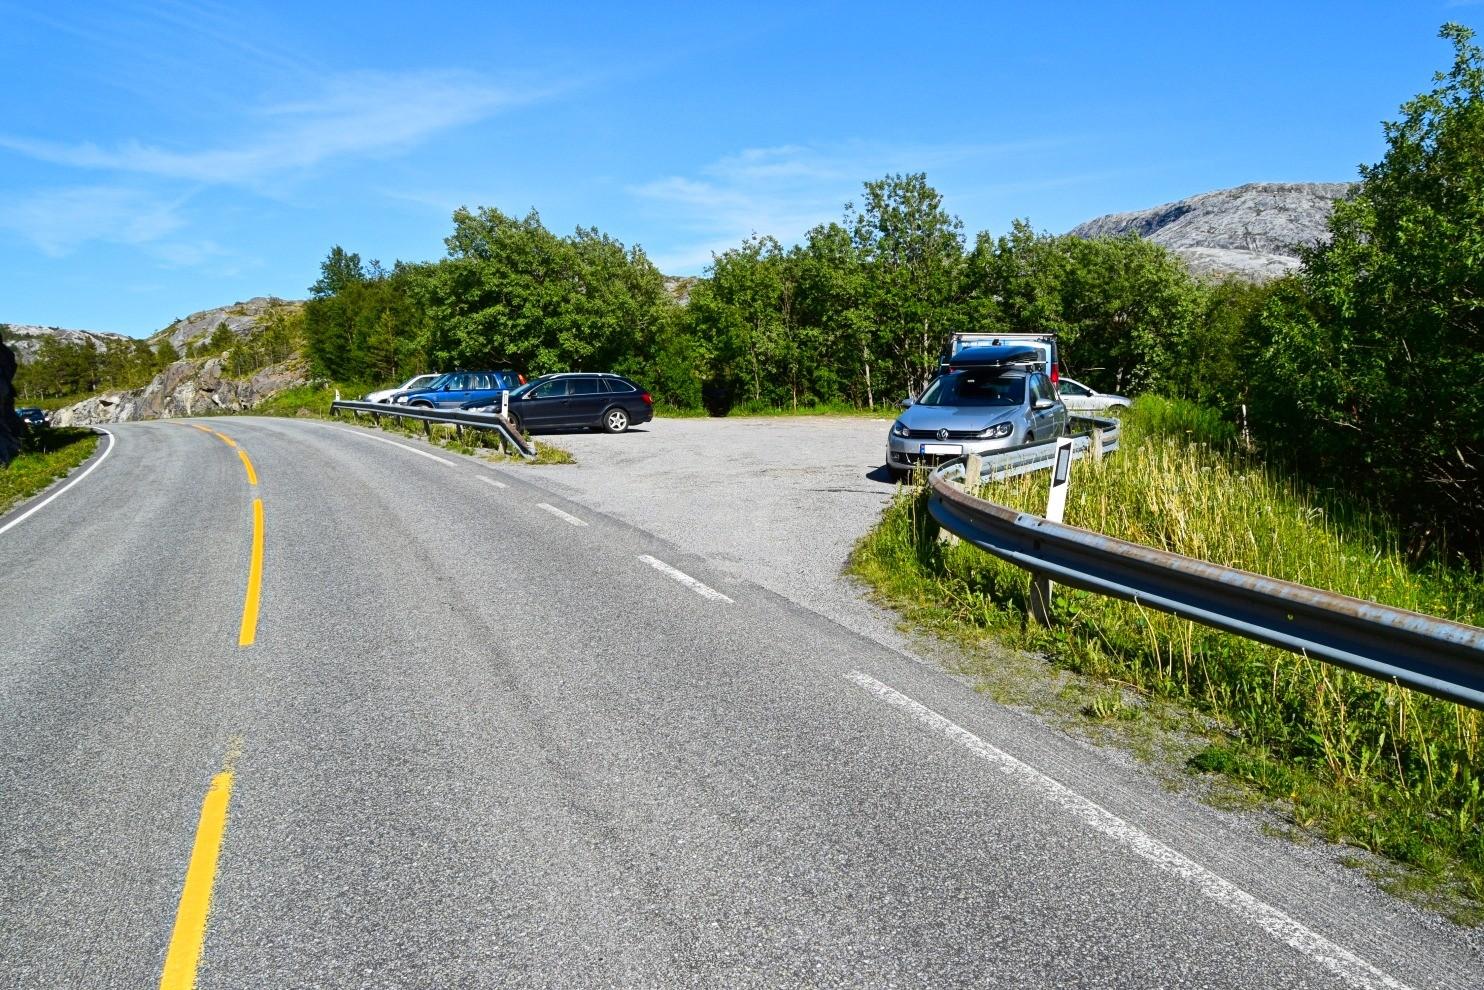 Startpunktet for turen til Øvre Åselivatnet